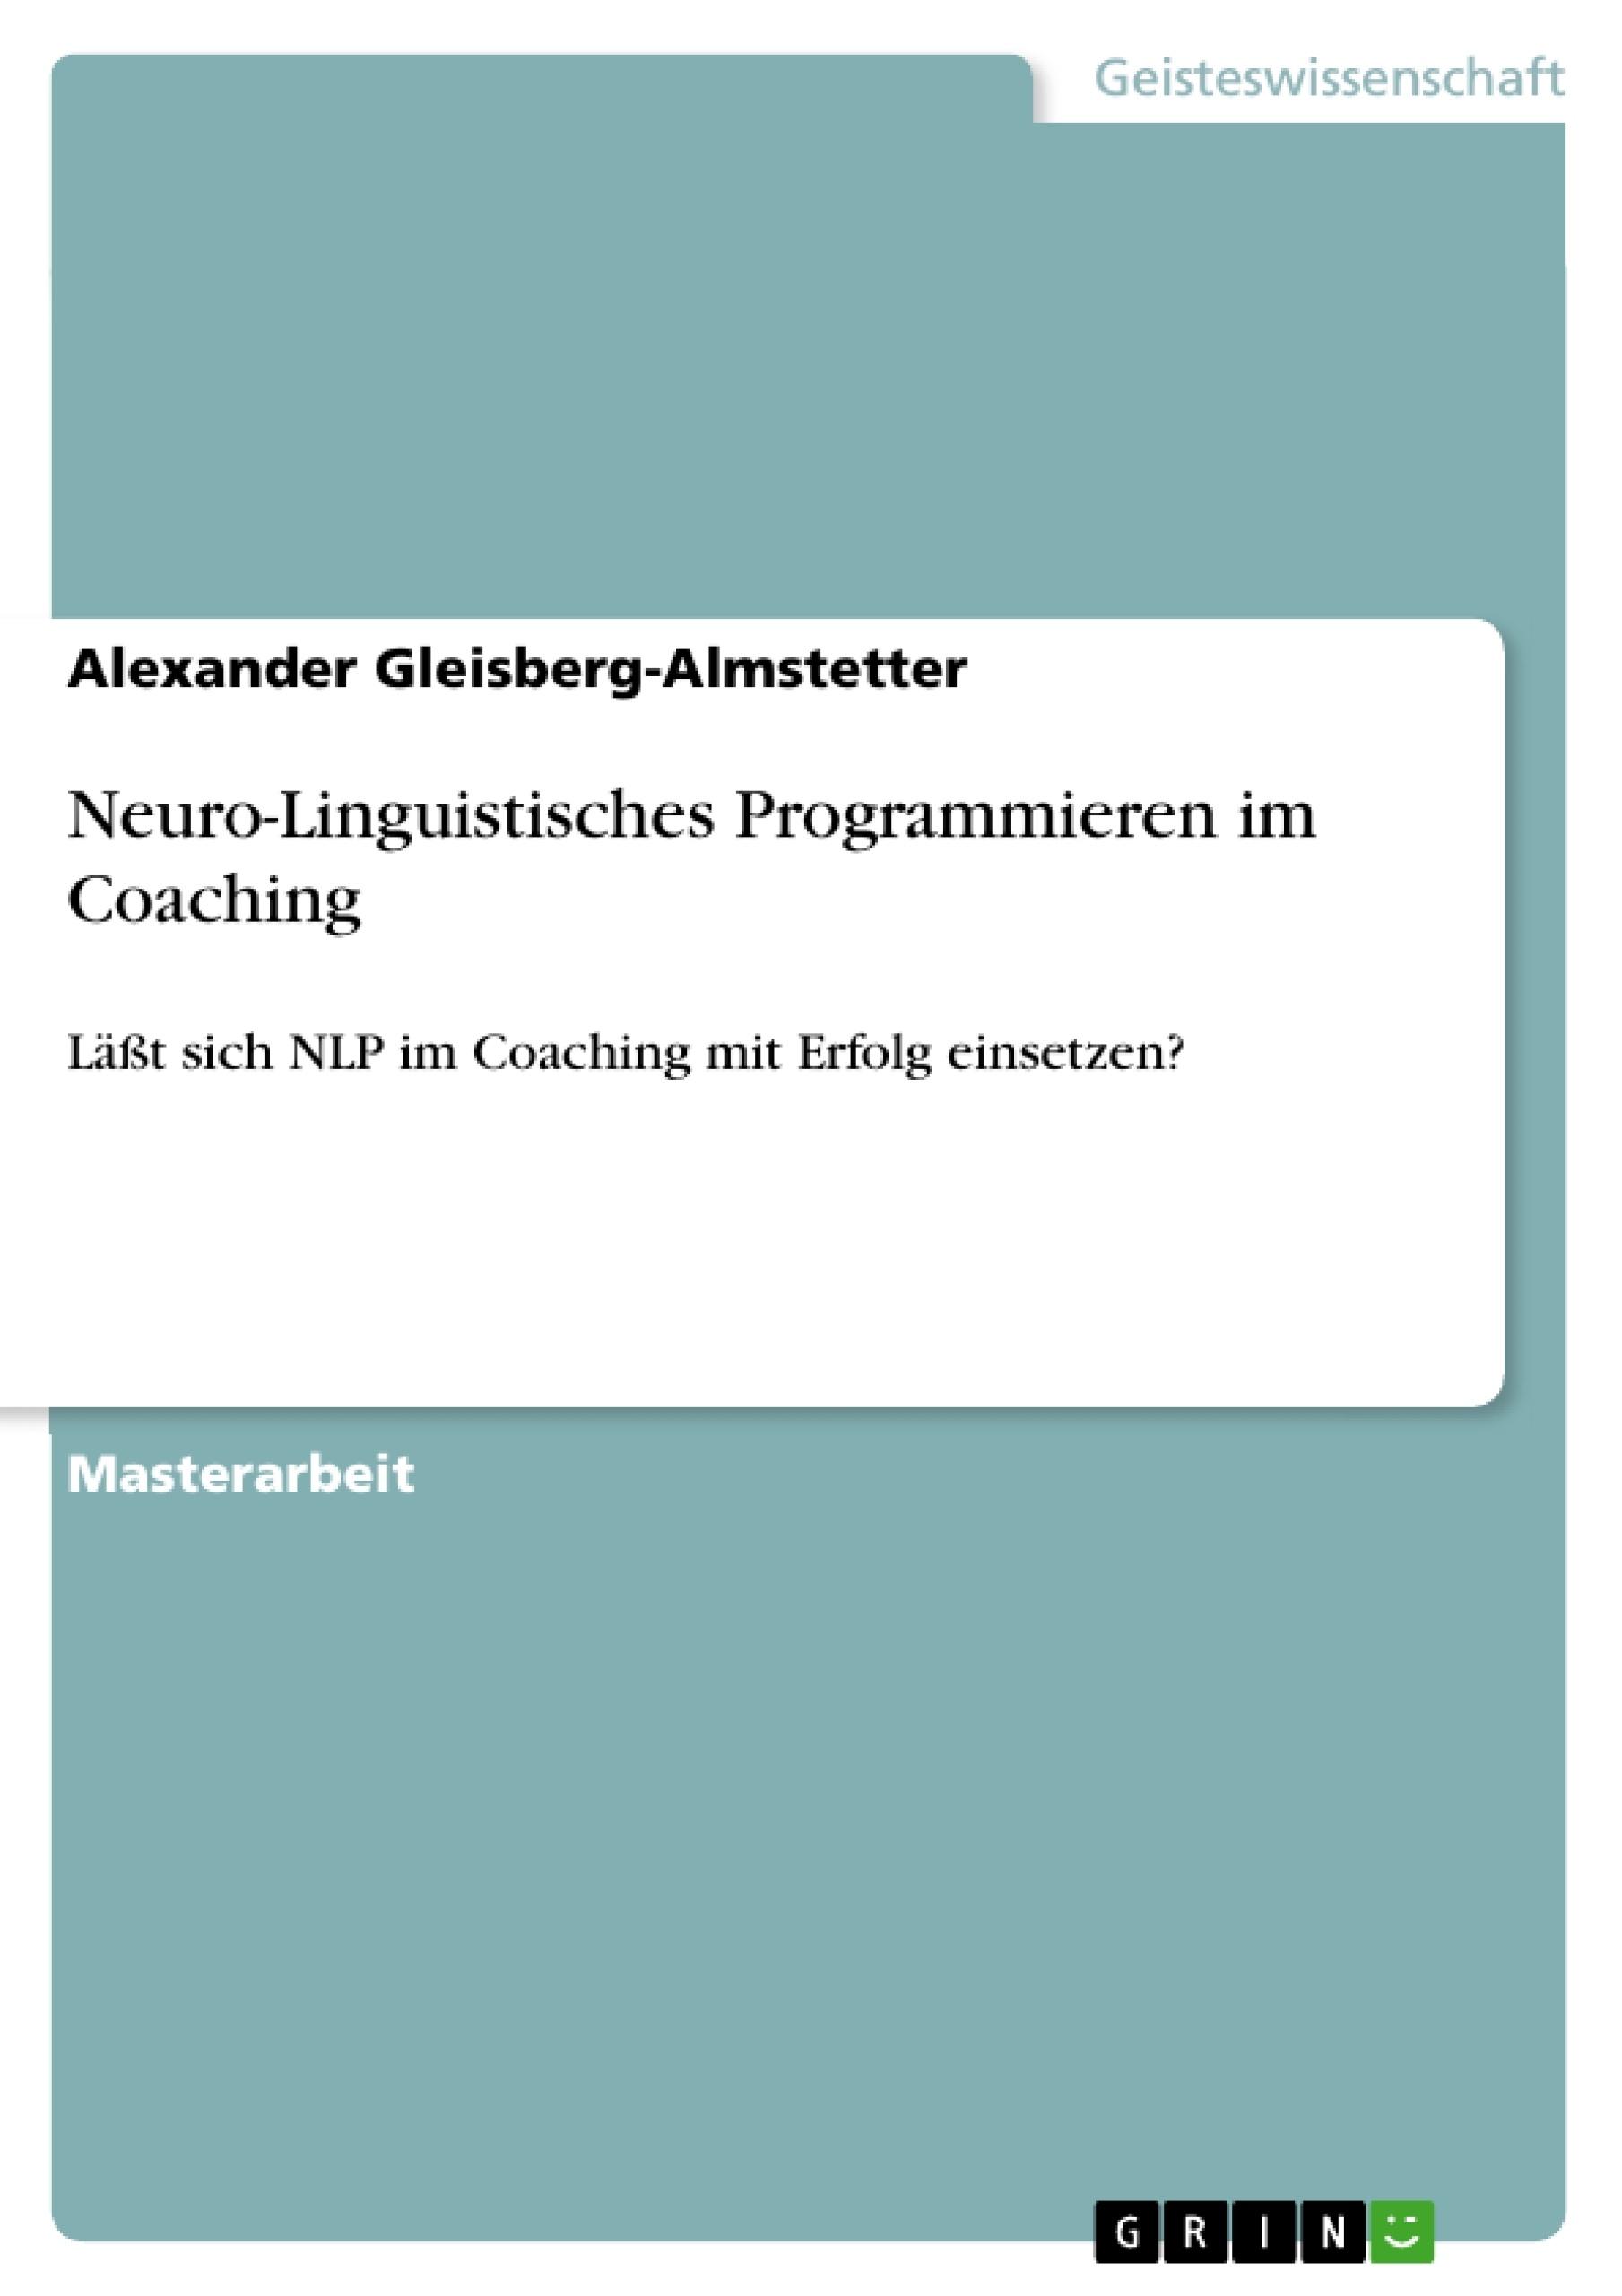 Titel: Neuro-Linguistisches Programmieren im Coaching